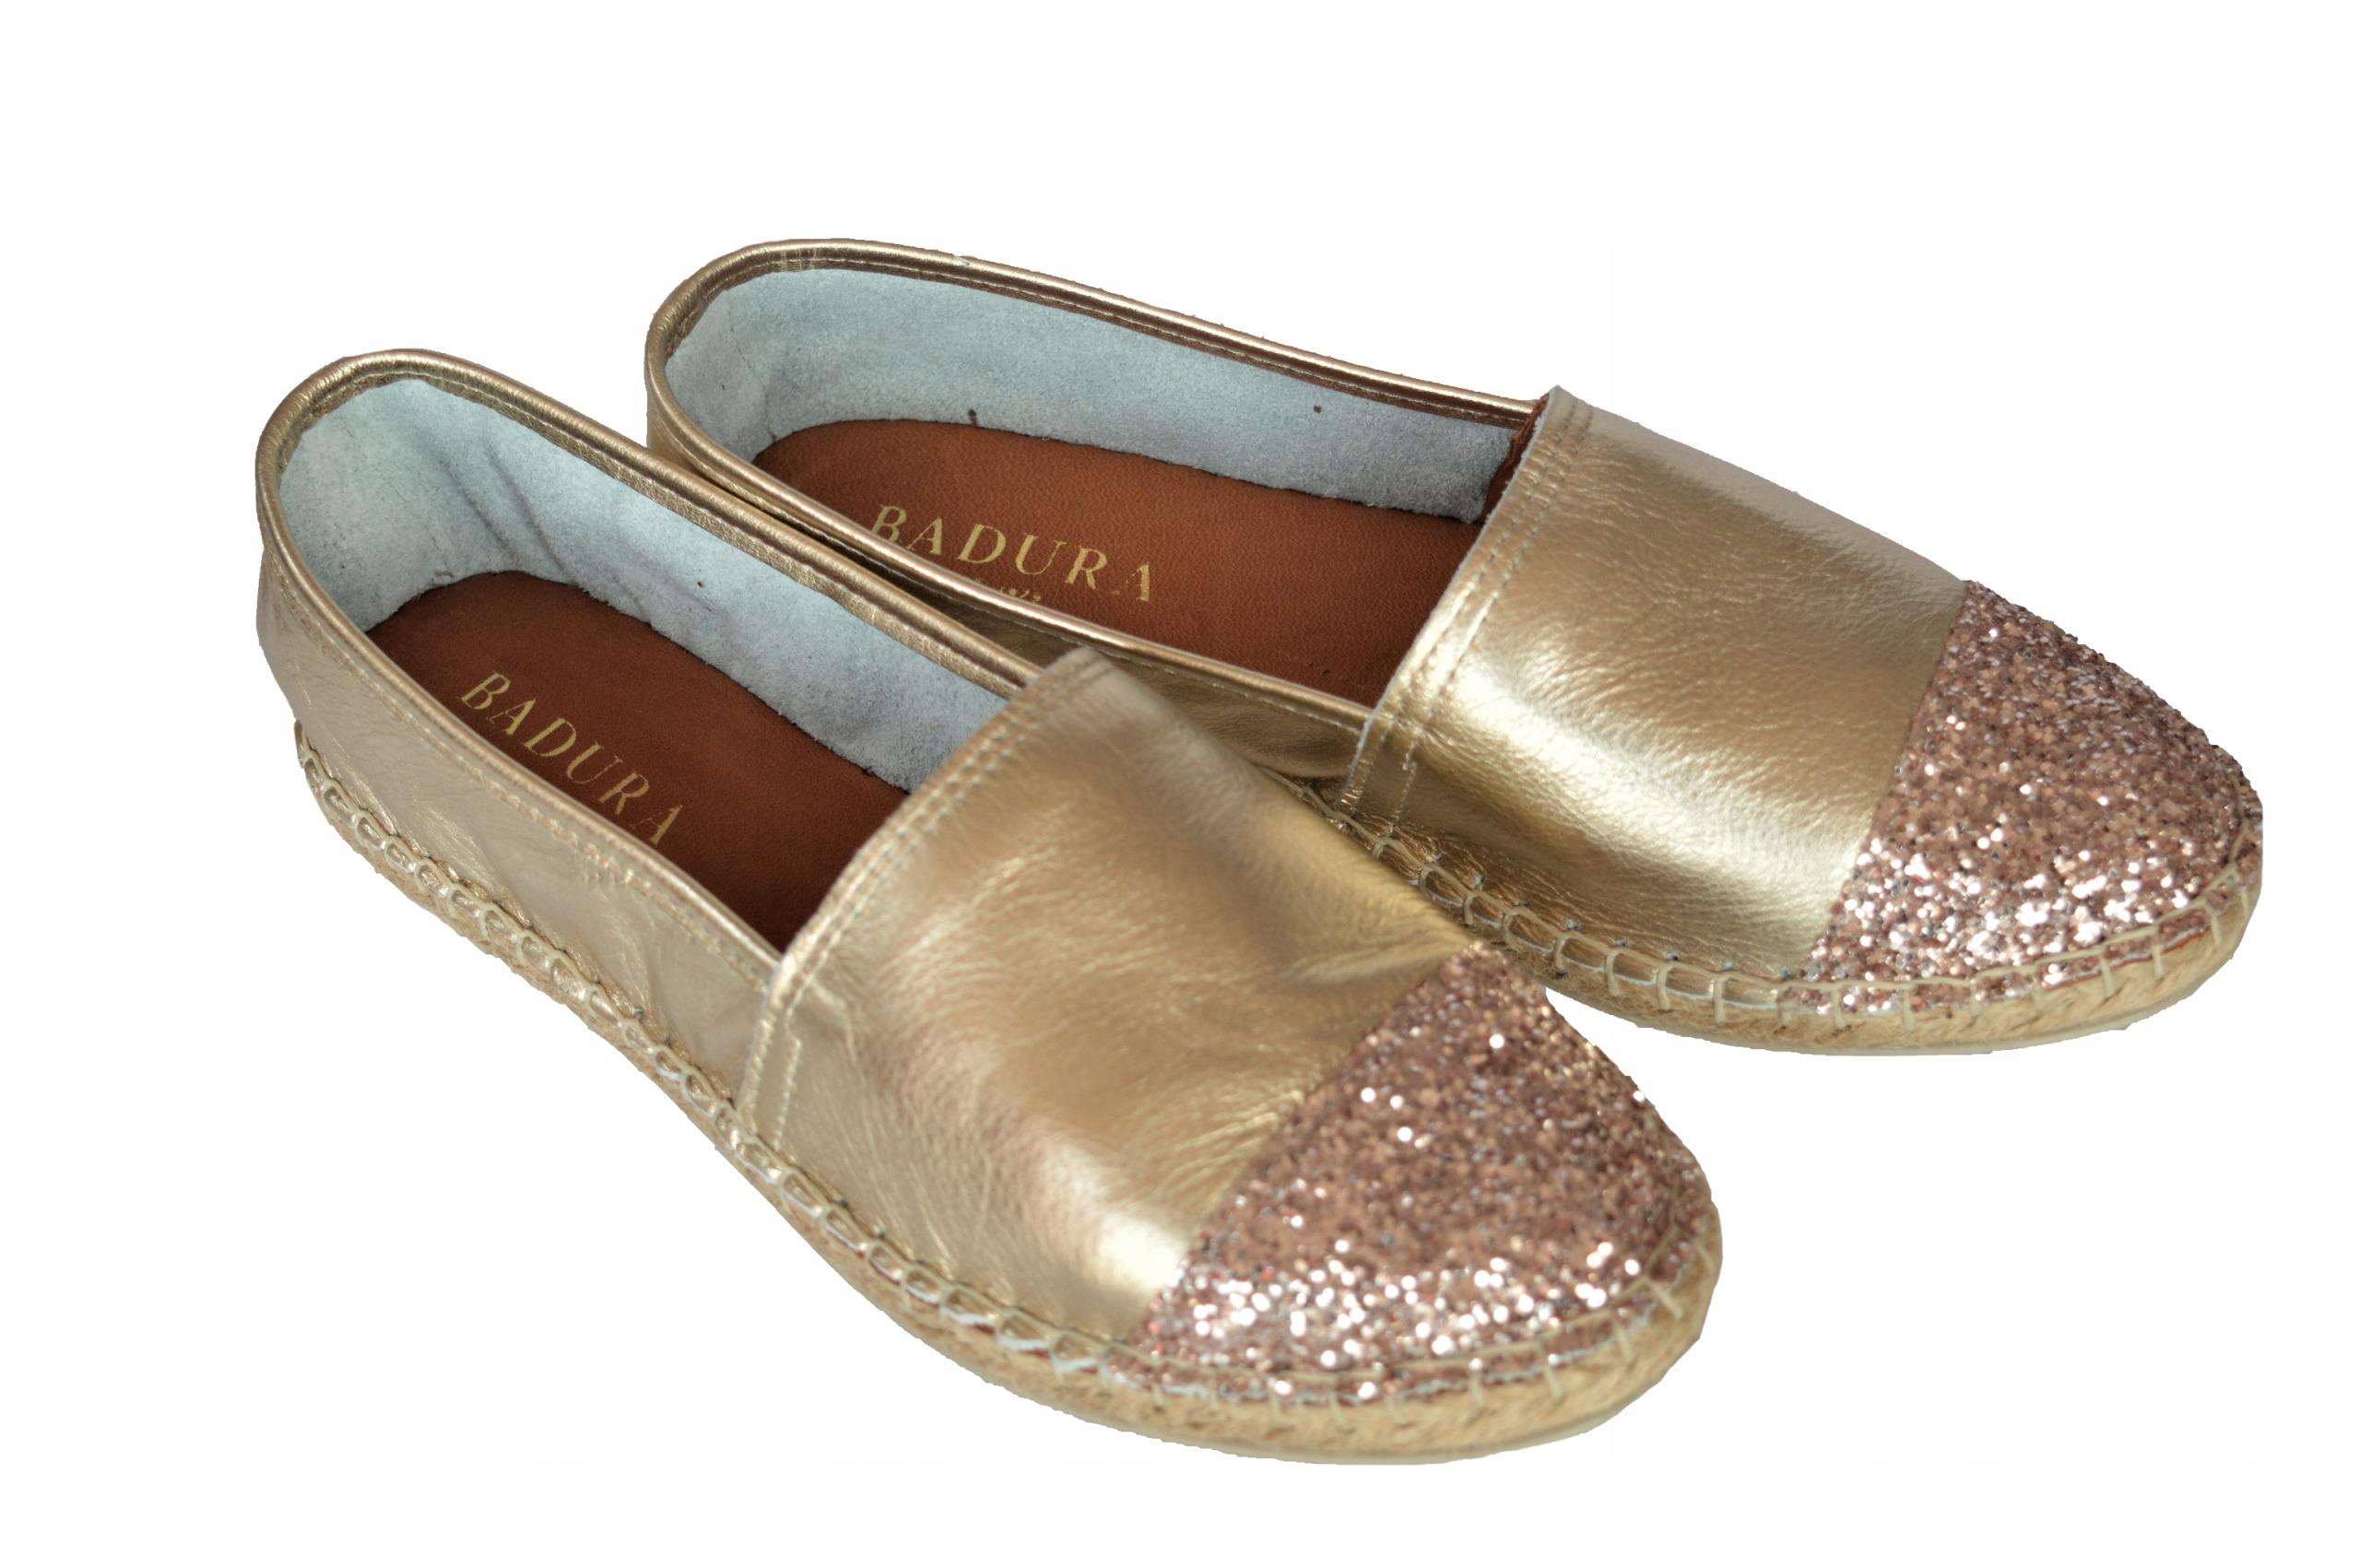 Badura 6544-60, espedryle, obuwie damskie. roz. 38